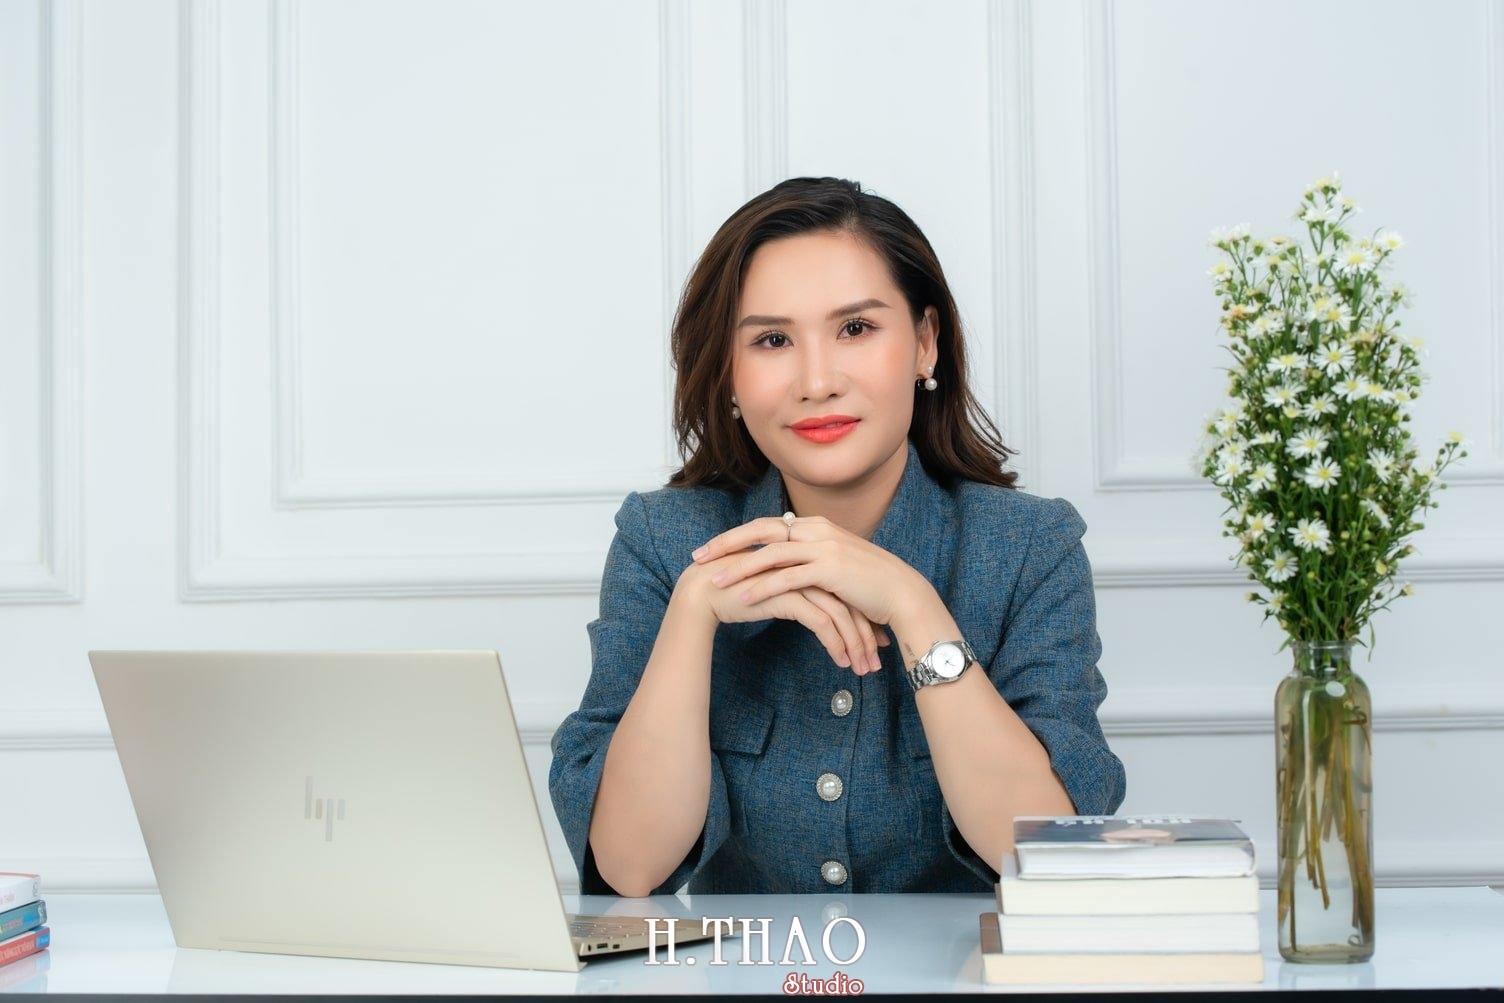 Doanh nhan nu 7 - Ảnh nữ doanh nhân bất động sản, phó TGĐ Express Ms.Nho – HThao Studio